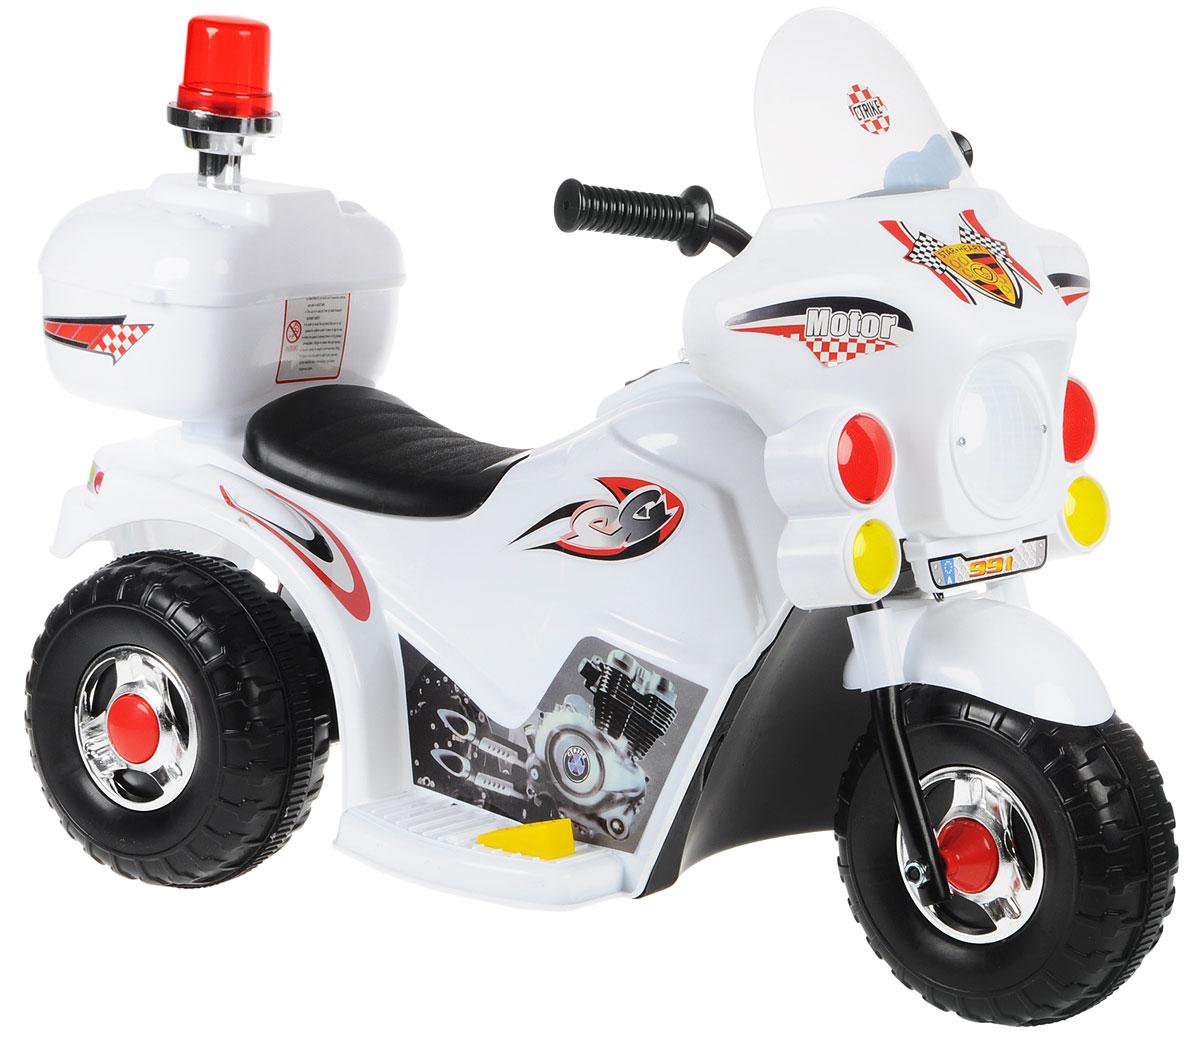 G120 Мотоцикл детский на аккумуляторе с маячком цвет белый - Электромобили